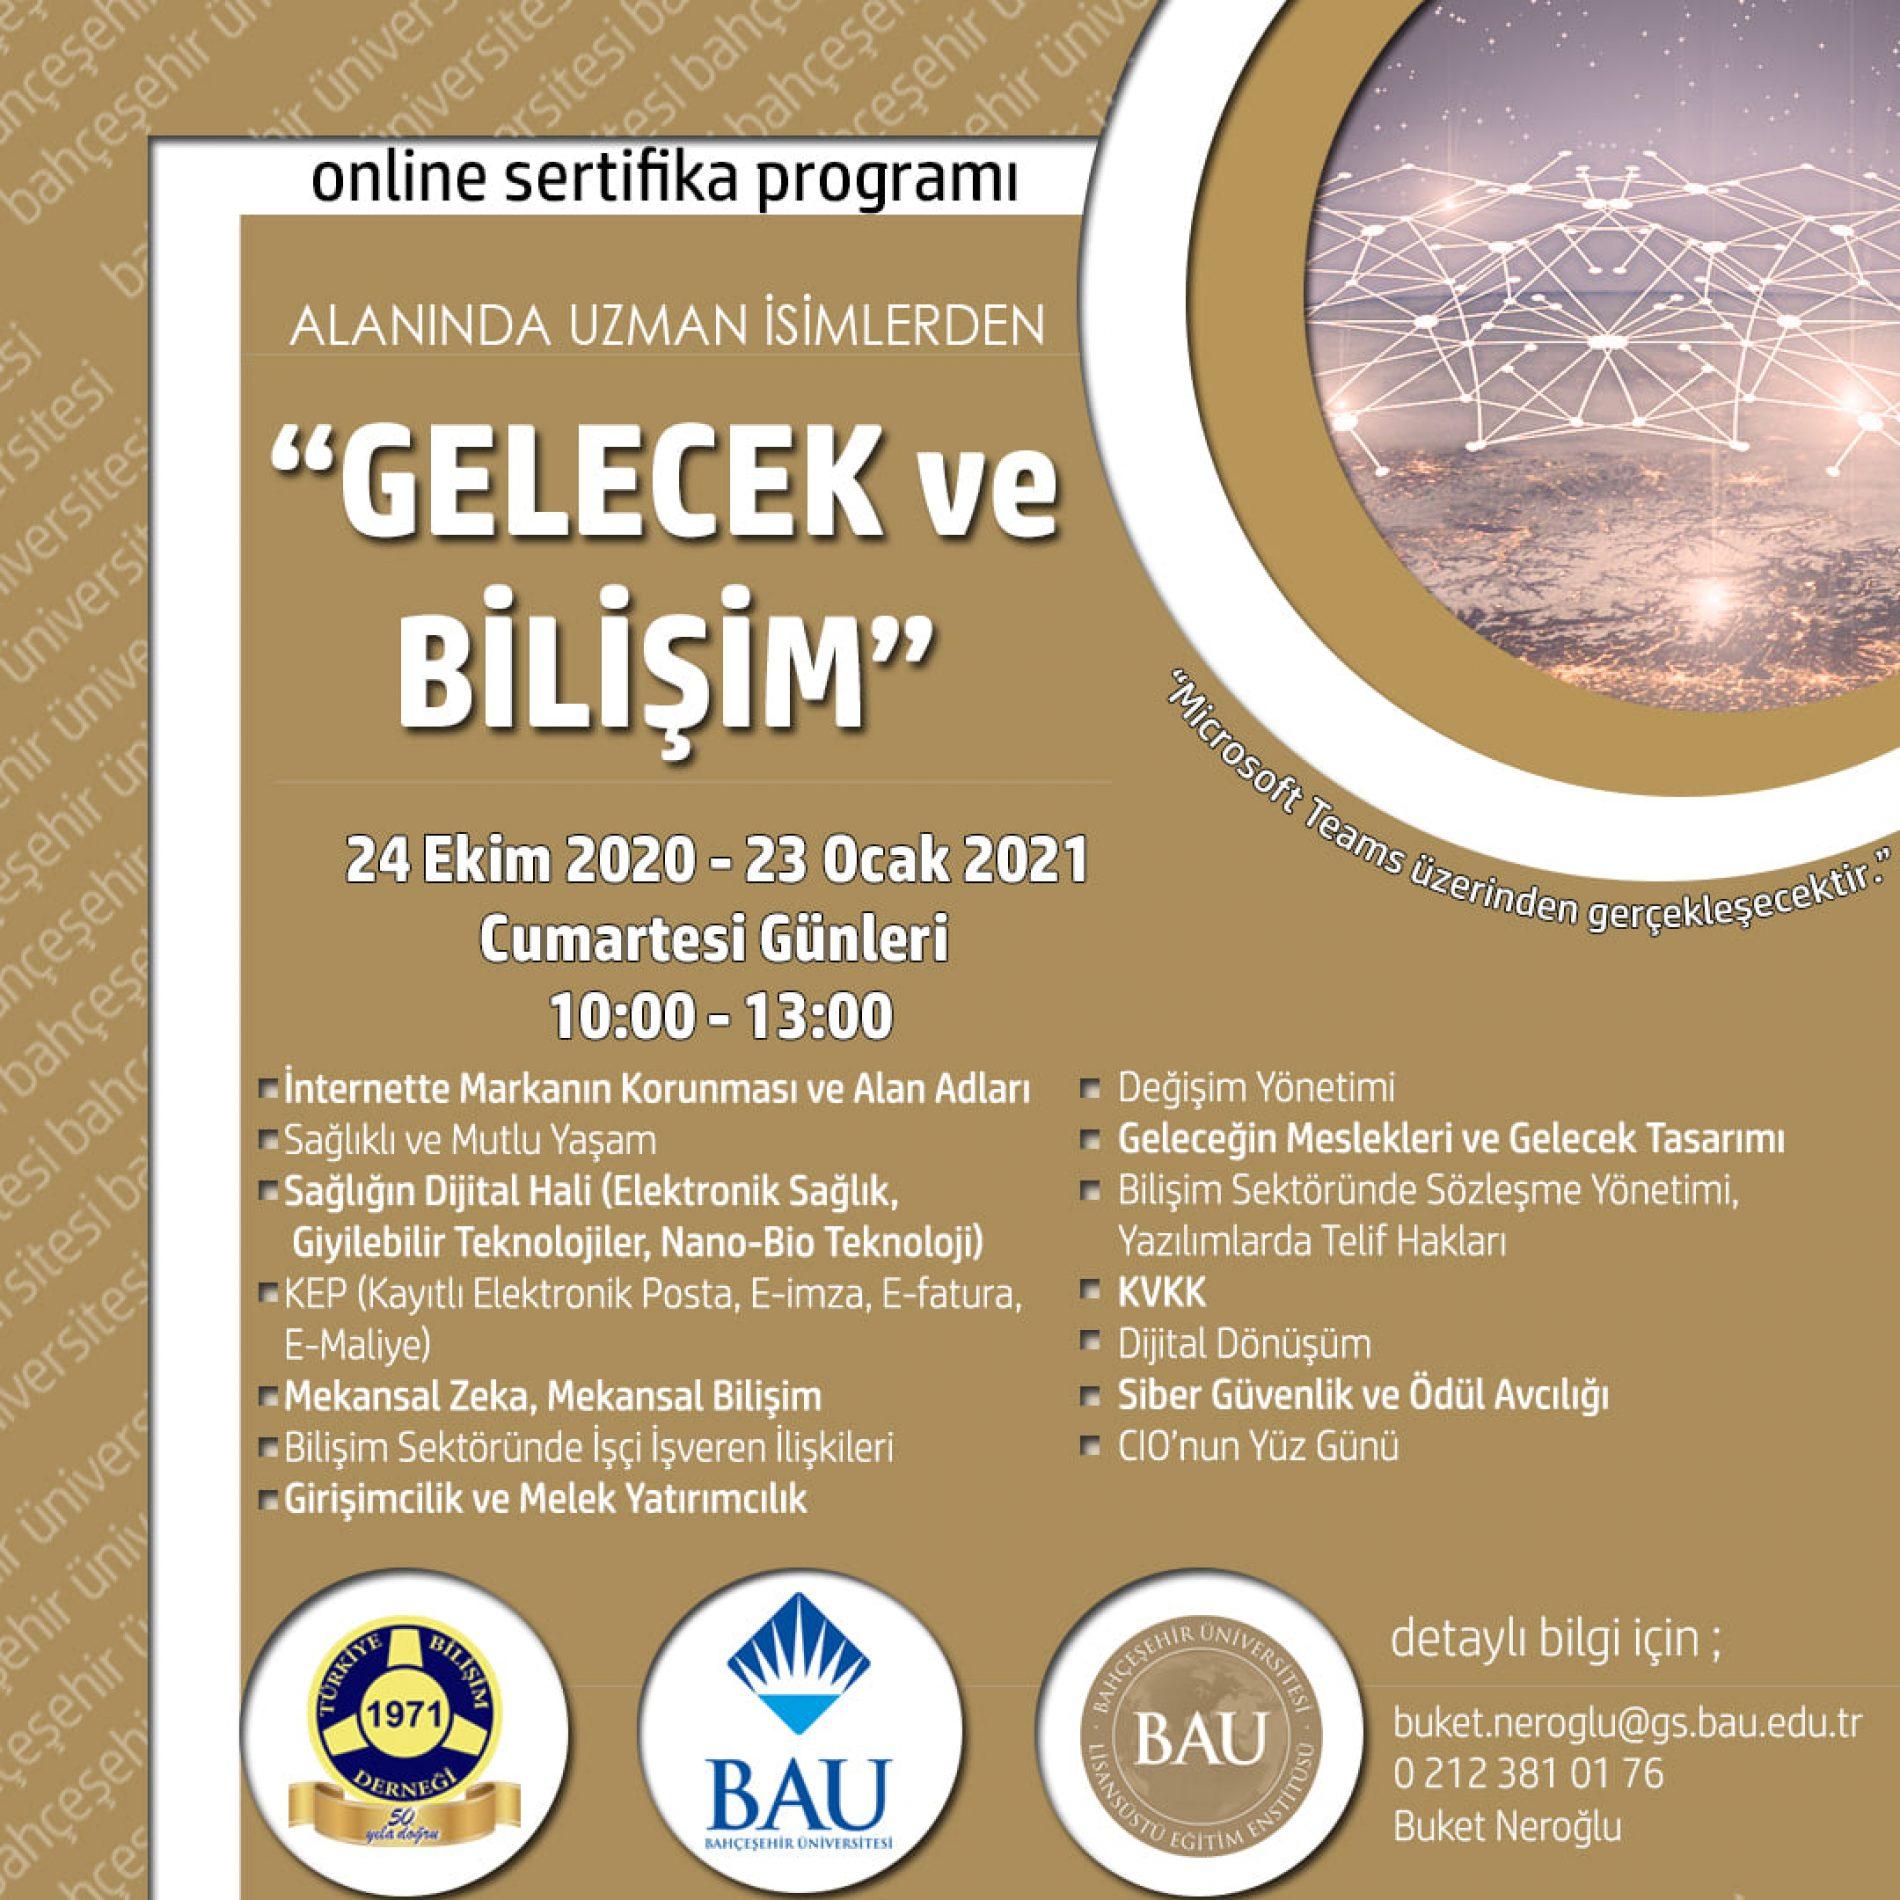 Bahçeşehir Üniversitesi – TBD Online Sertifika Programı